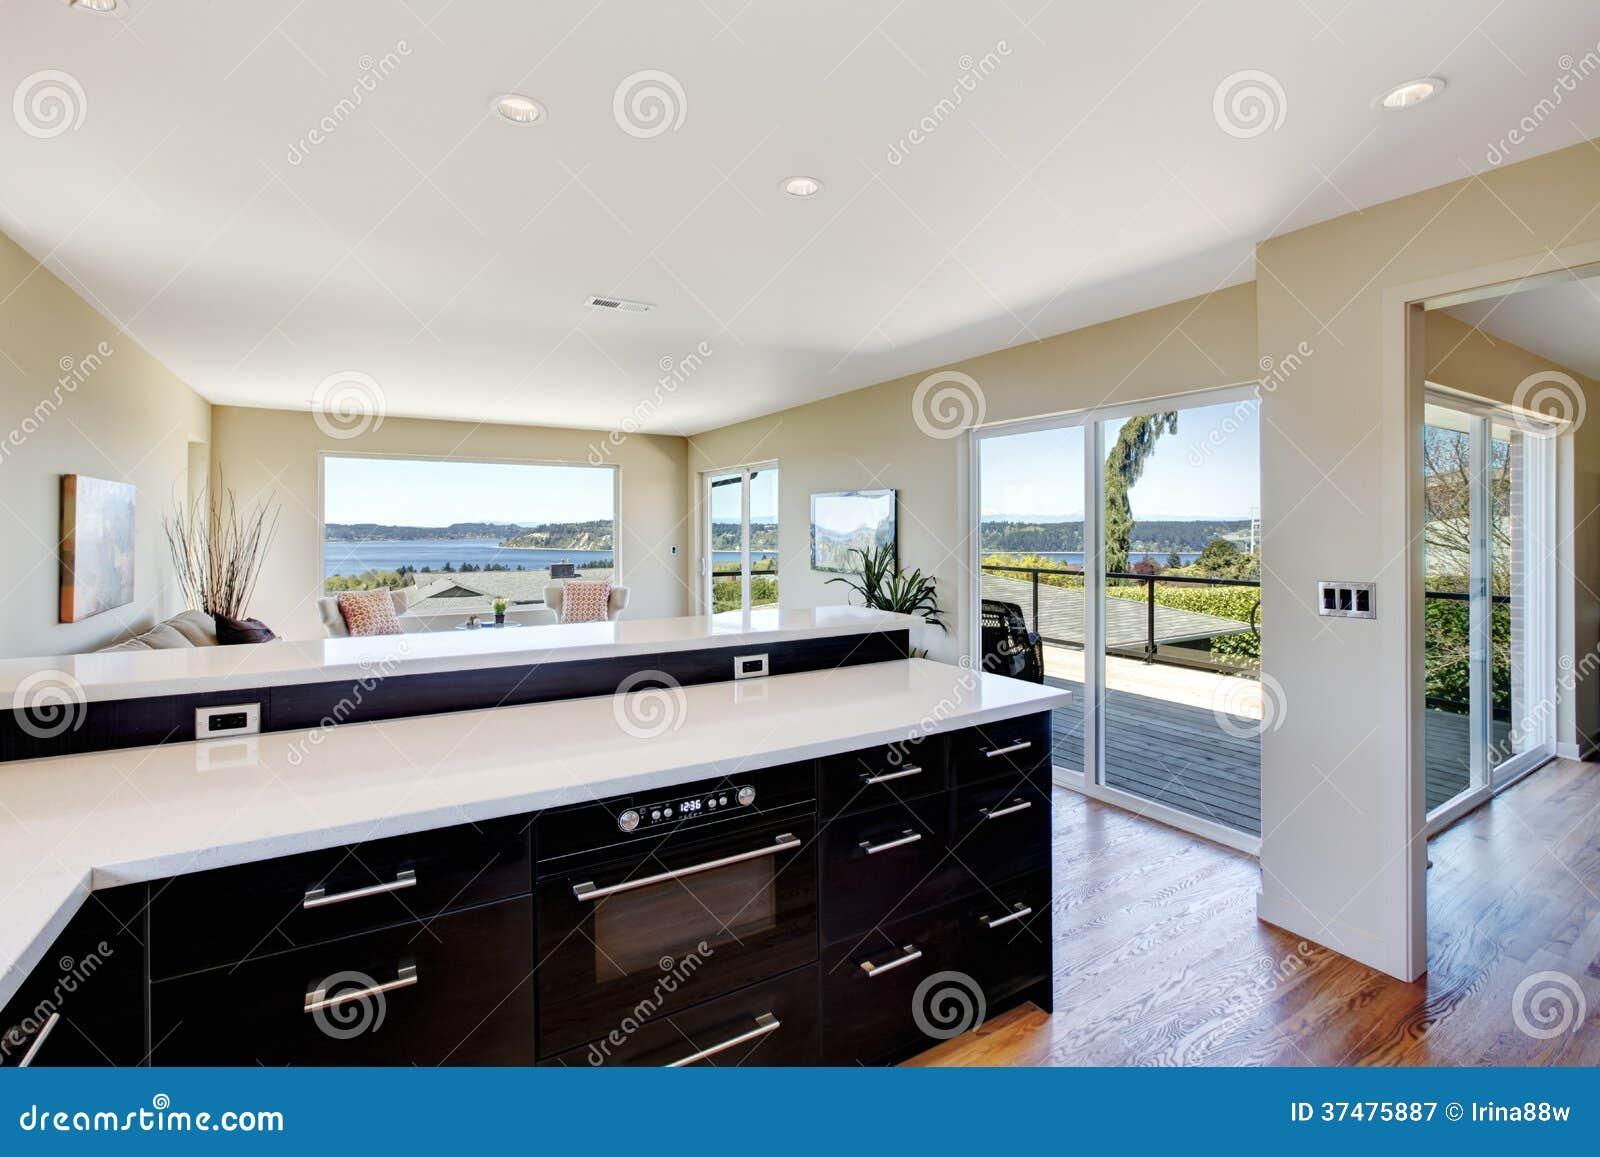 Conception moderne de cuisine et de salon ouvrez l 39 id e de conception de - Cuisine et salon moderne ...